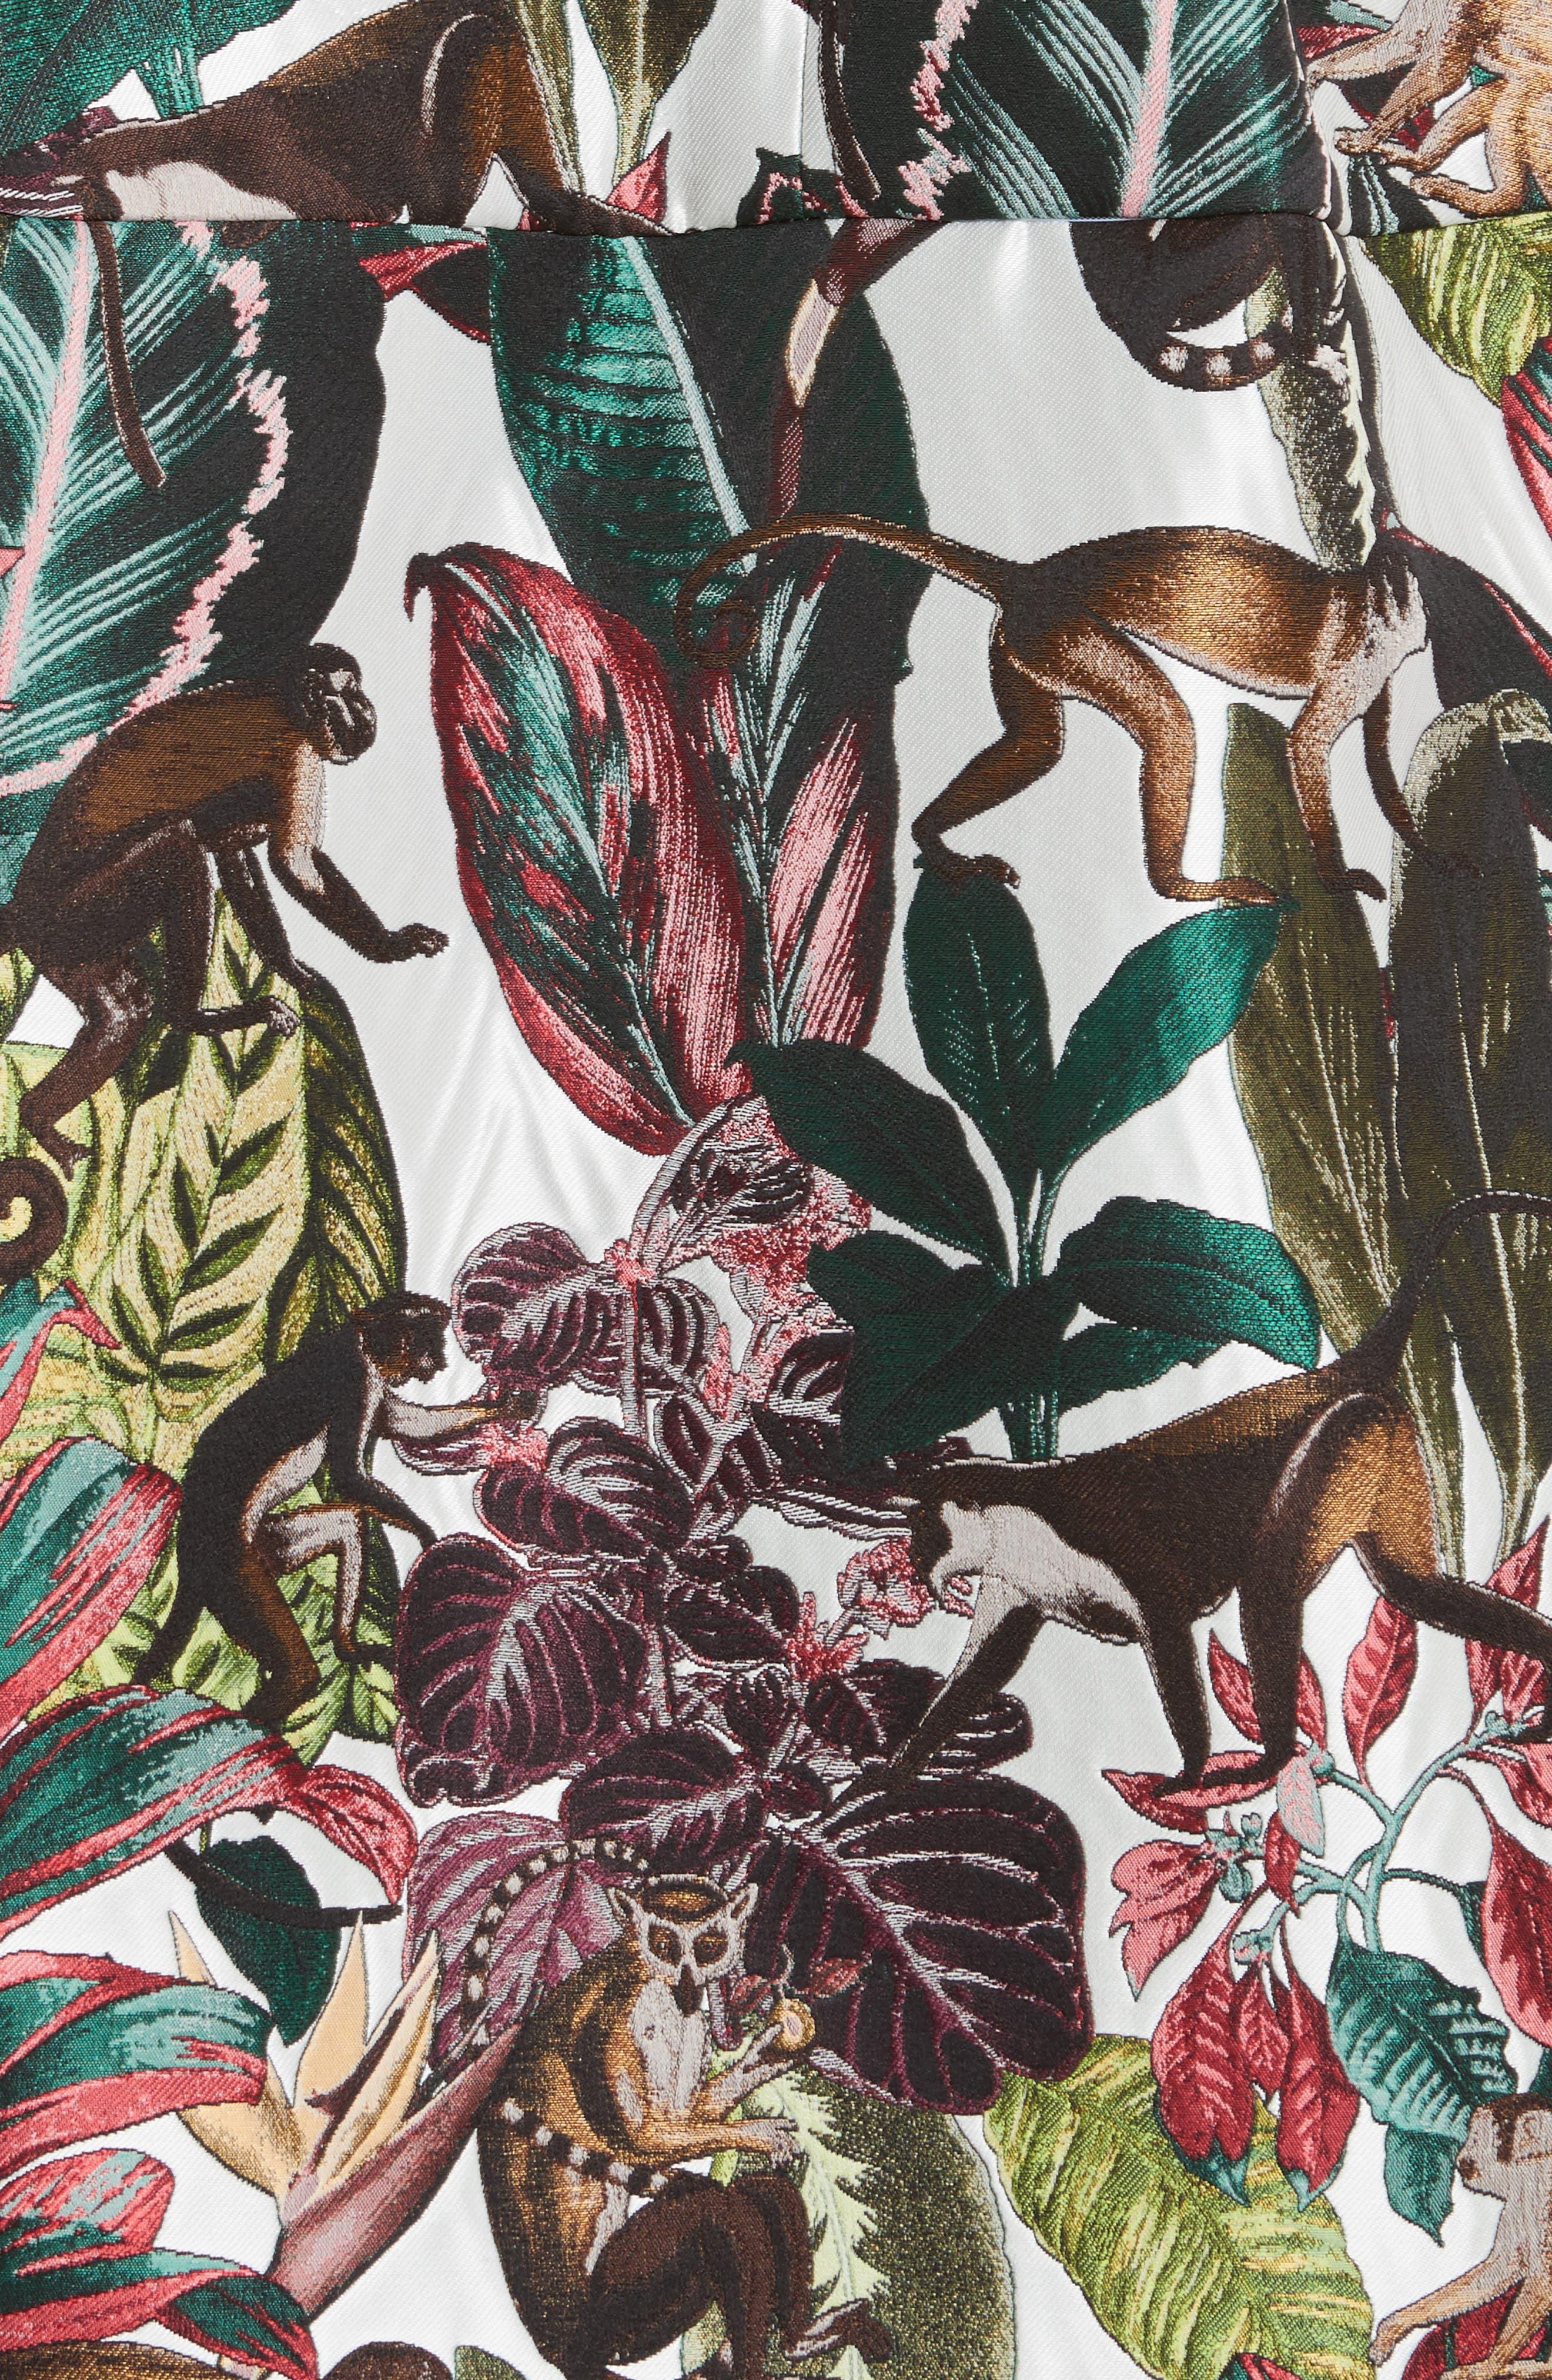 Jungle Jacquard Dress,                             Alternate thumbnail 5, color,                             300